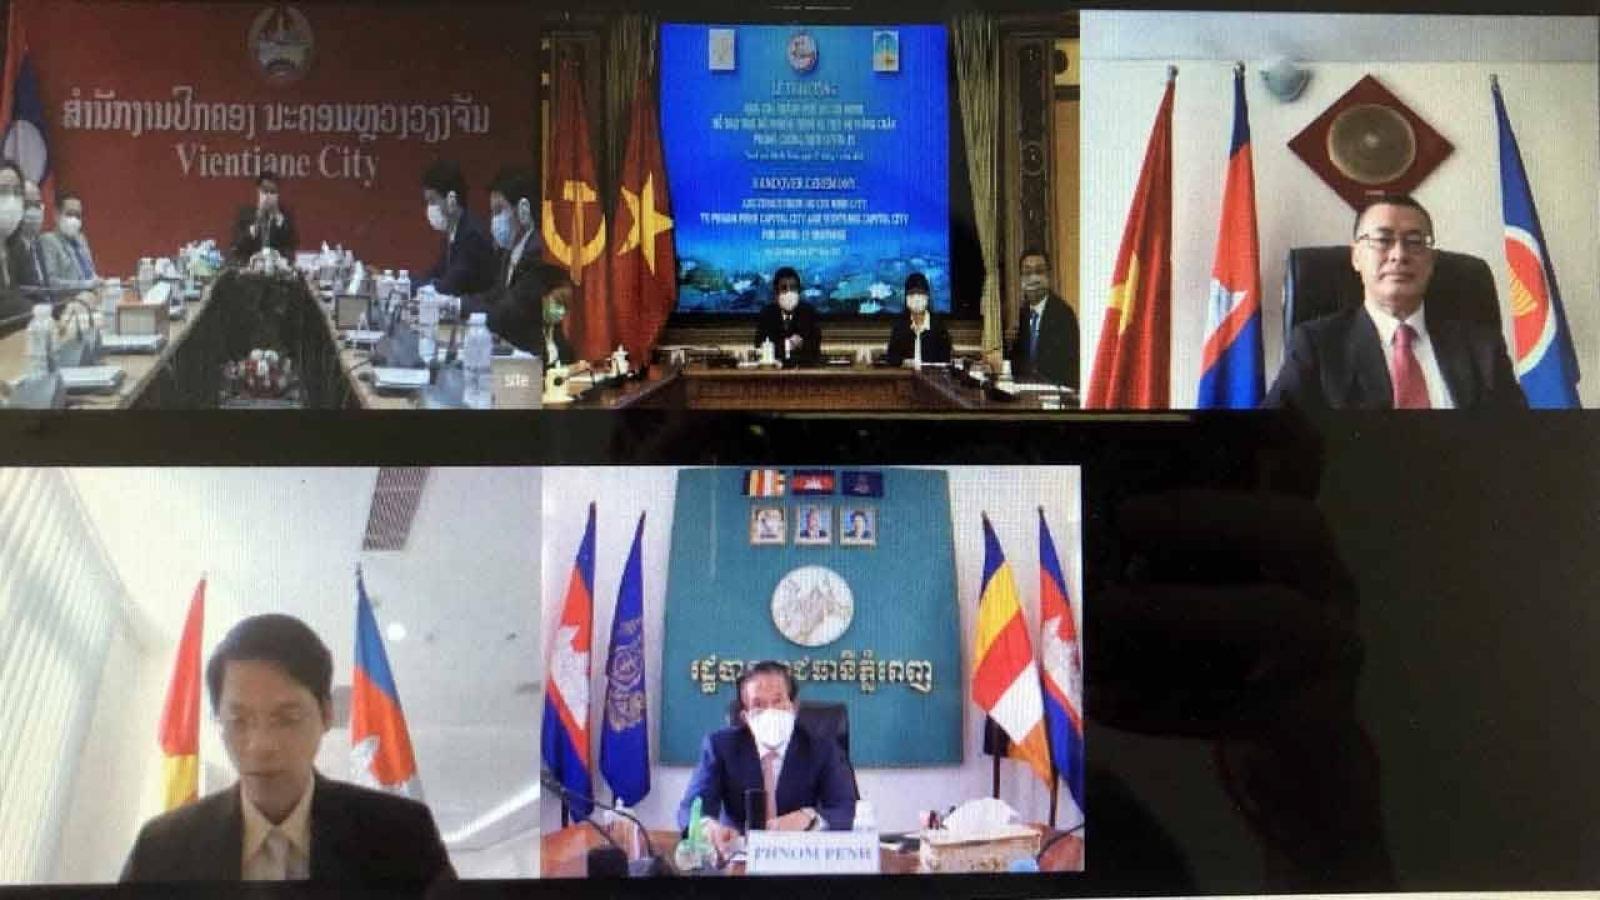 TP HCM trao quà hỗ trợ 2 thủ đô Phnom Penh và Vientiane